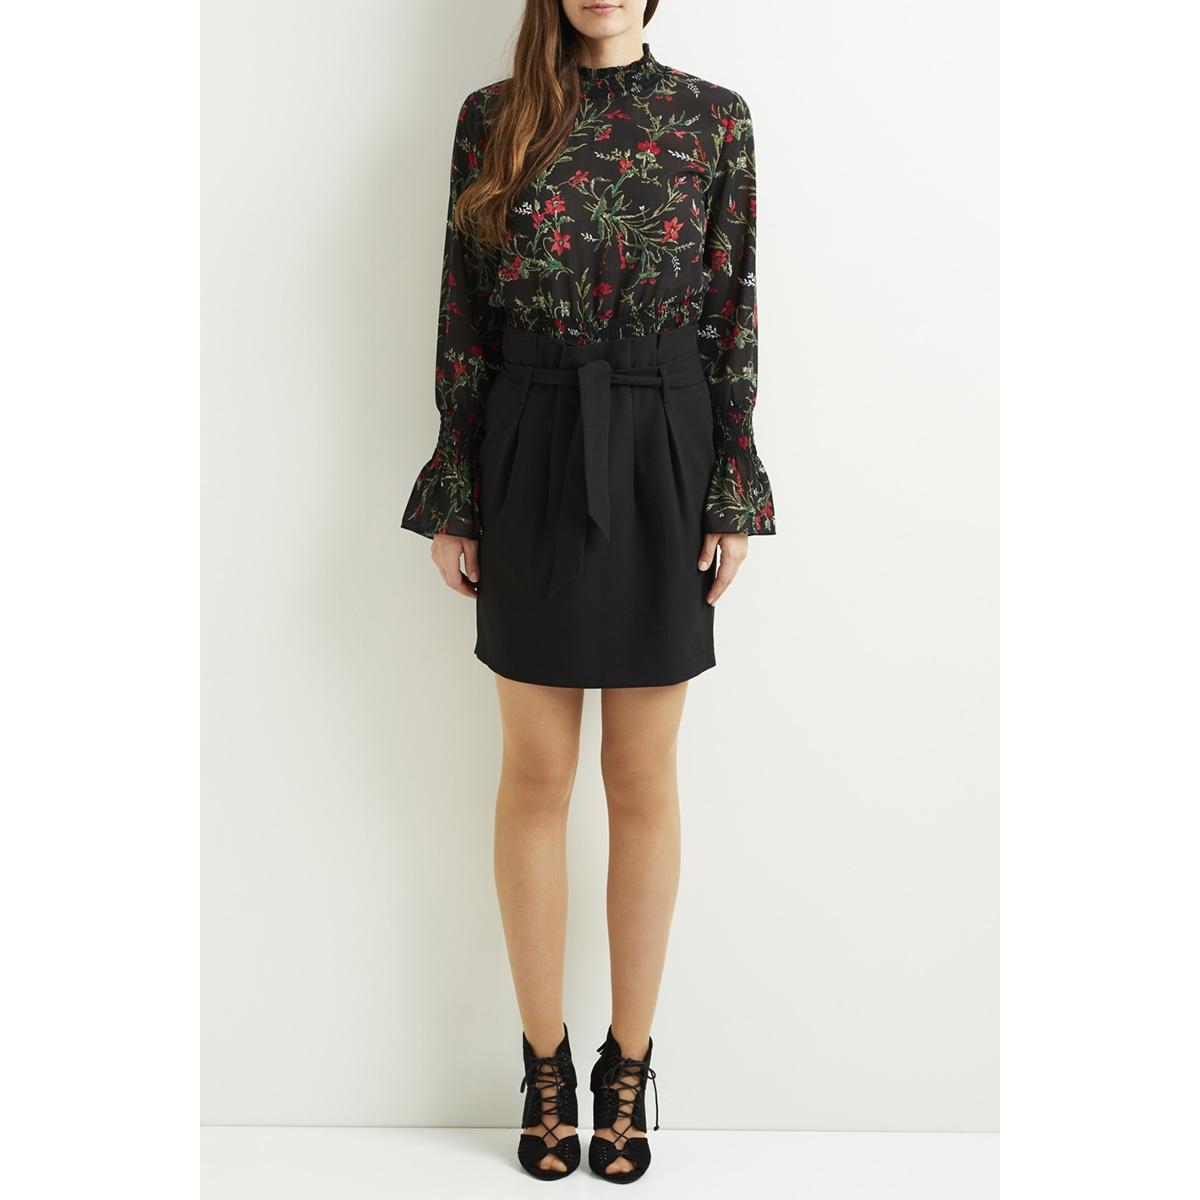 objabella mw mini skirt wi a 23026653 object rok black